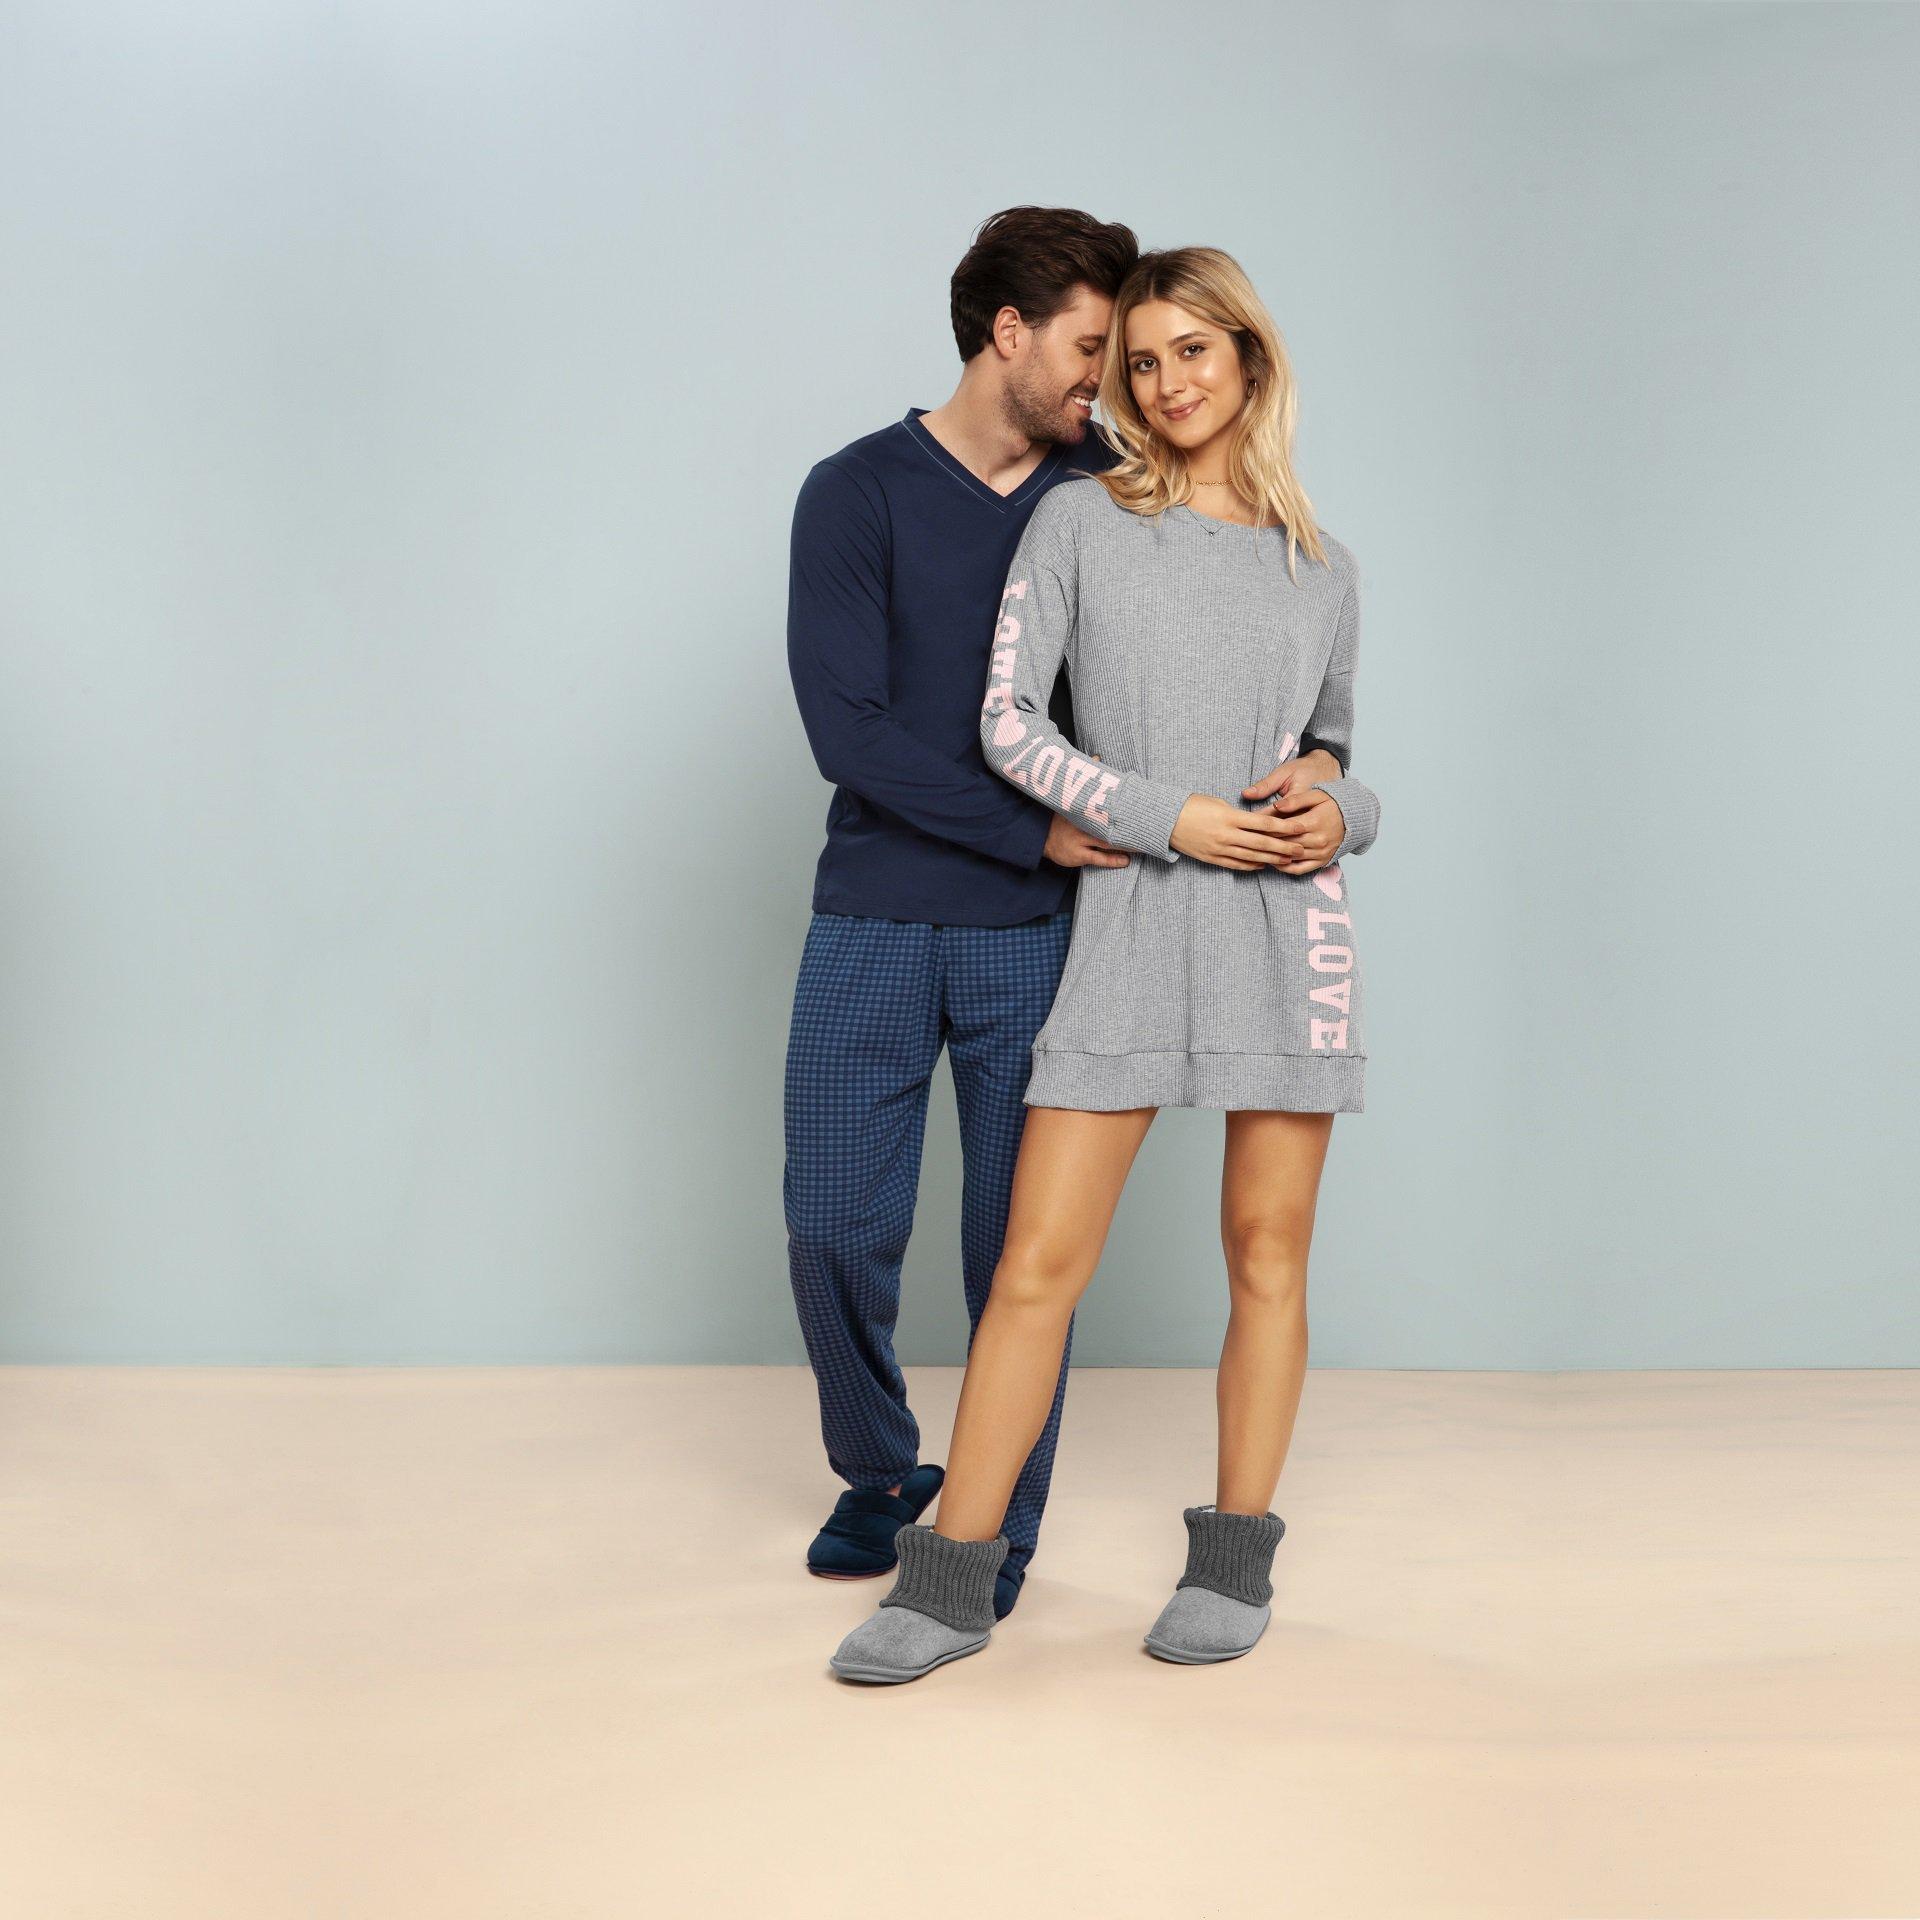 Pijamas Mensageiro dos Sonhos para aquecer os corações no Dia dos Namorados